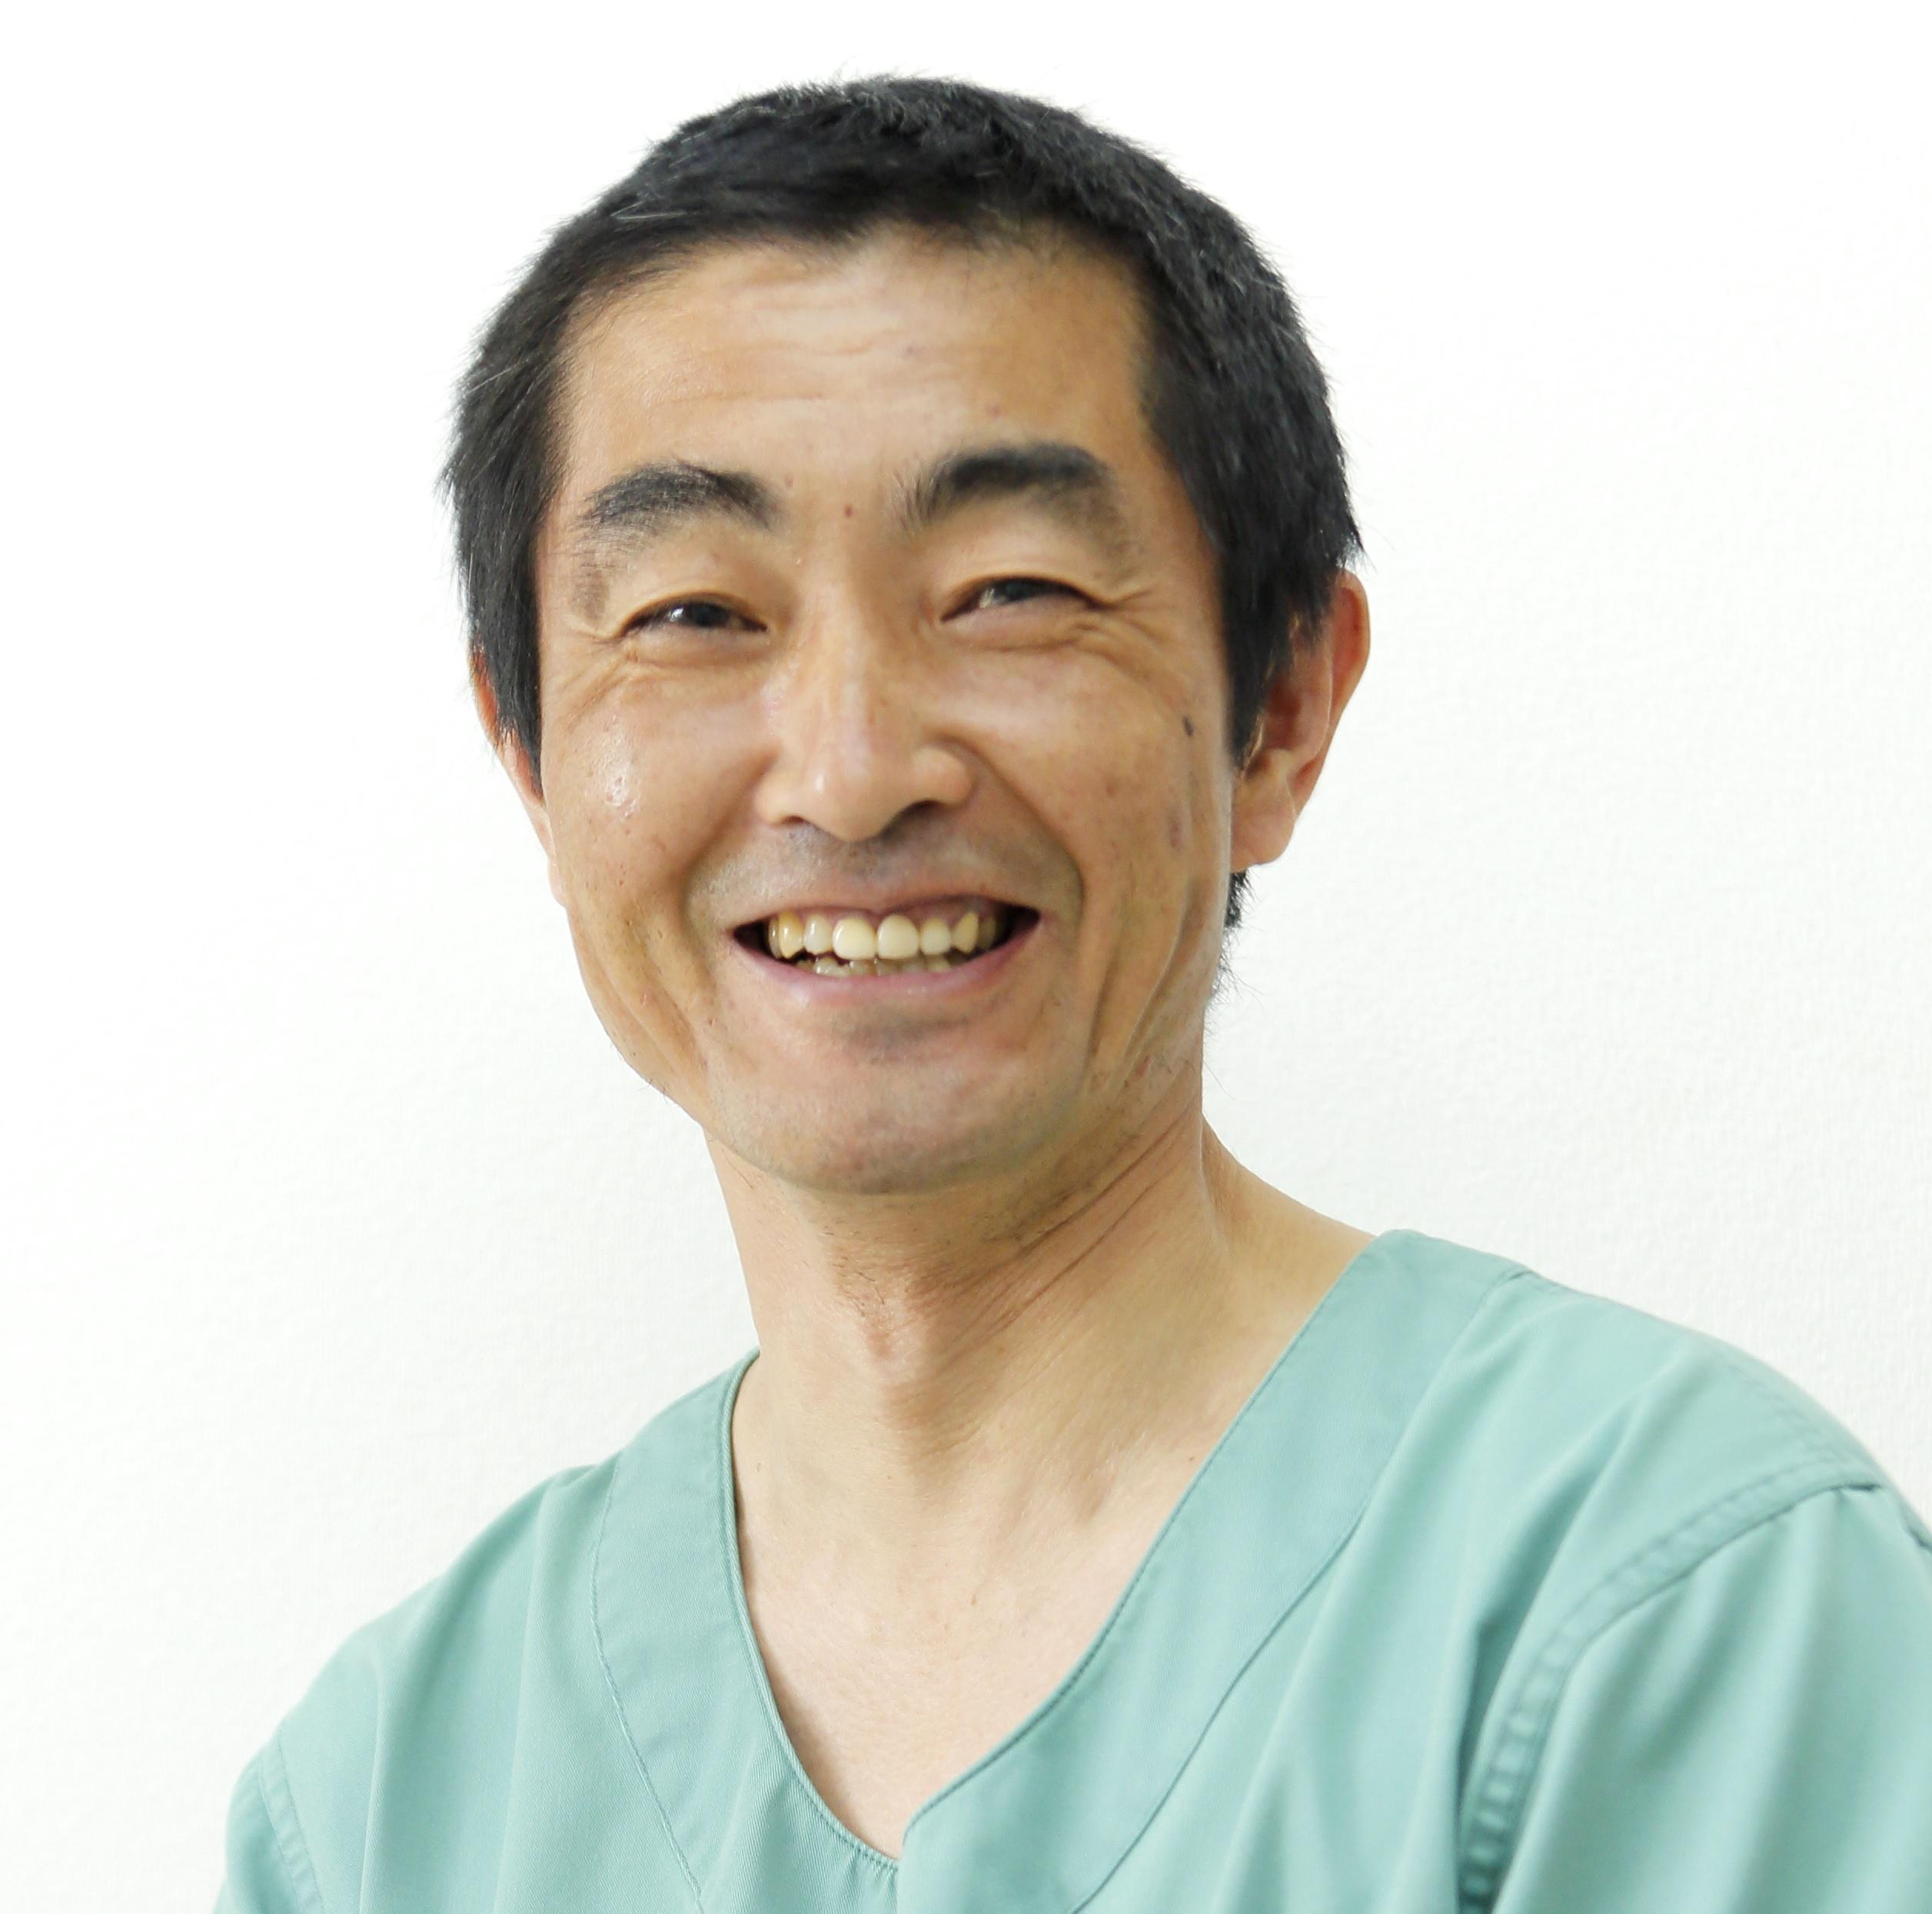 外科 新札幌 病院 整形